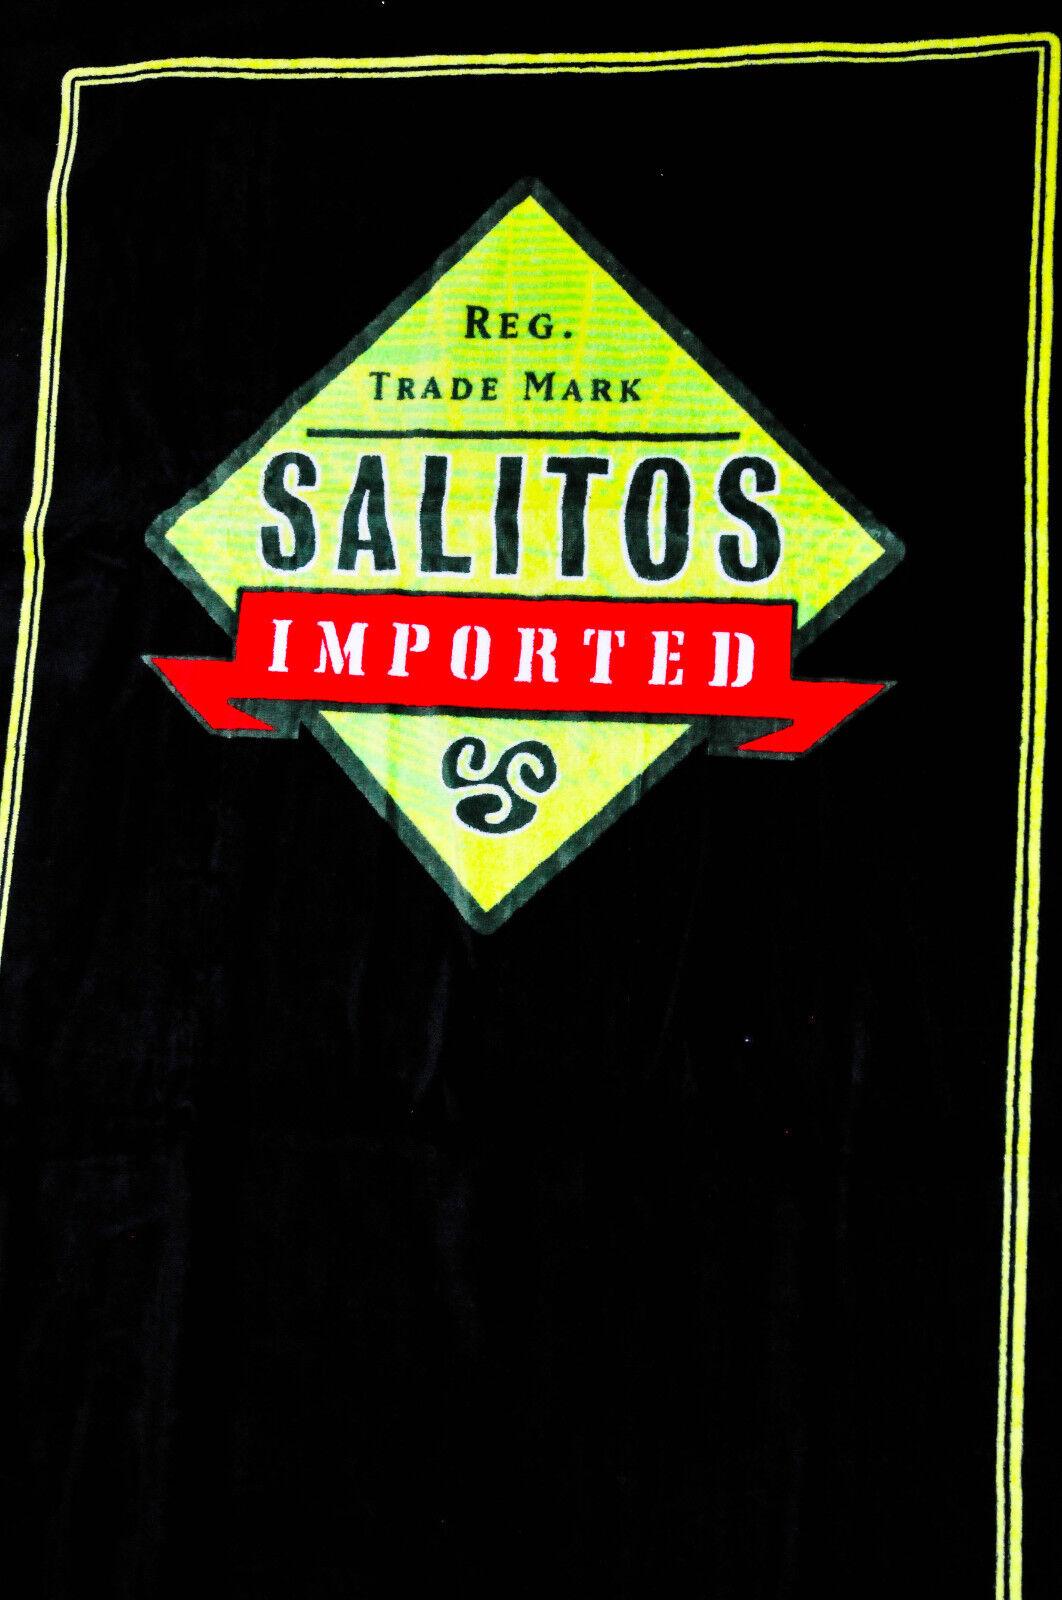 Salitos Bier, Badelaken, Strandtuch, Saunatuch, schwarz, sehr edel..